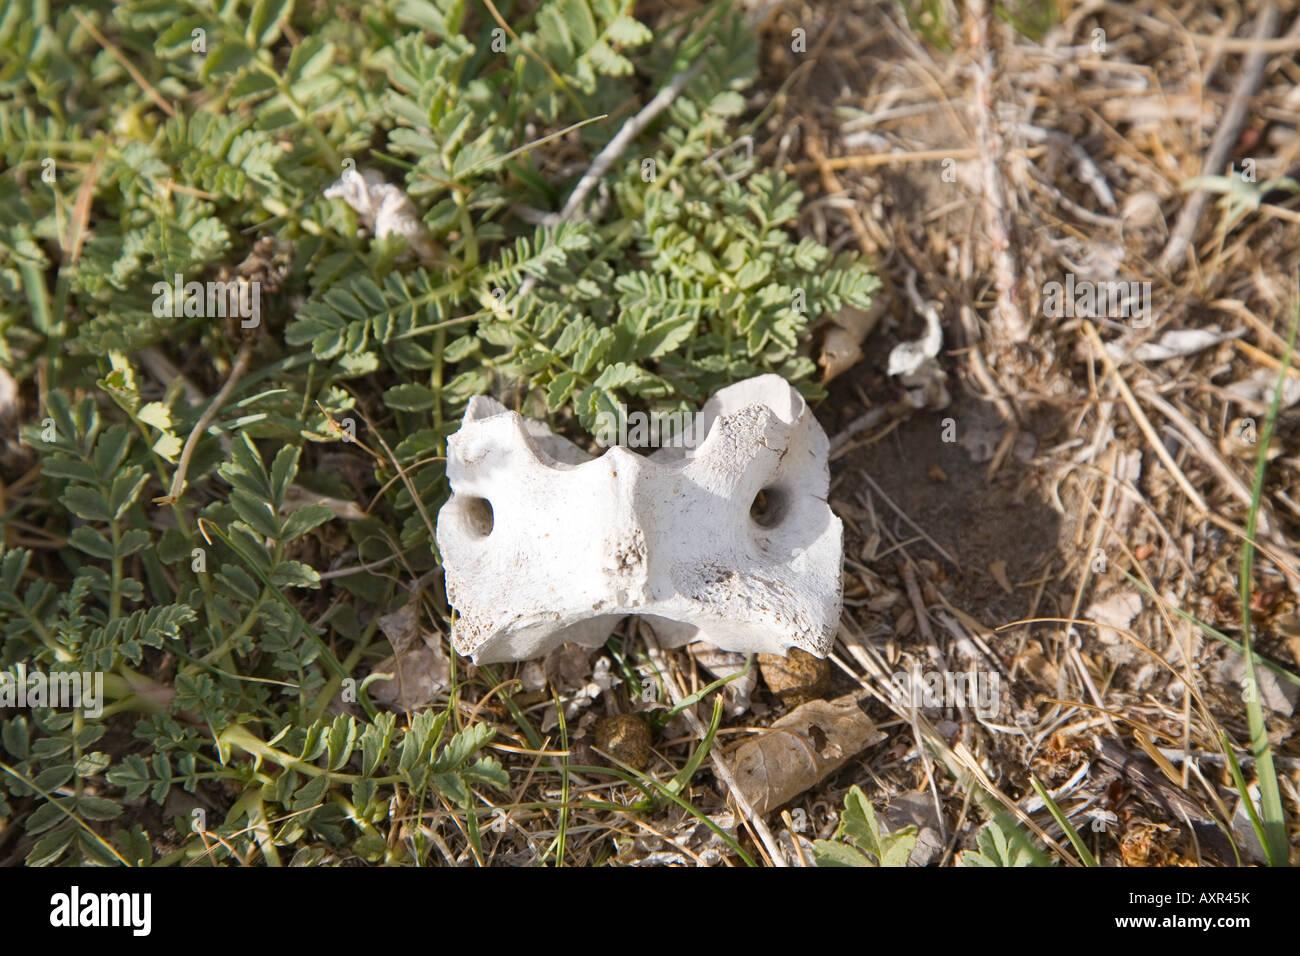 Ausgebleichter Rueckenwirbel, vertebra - Stock Image